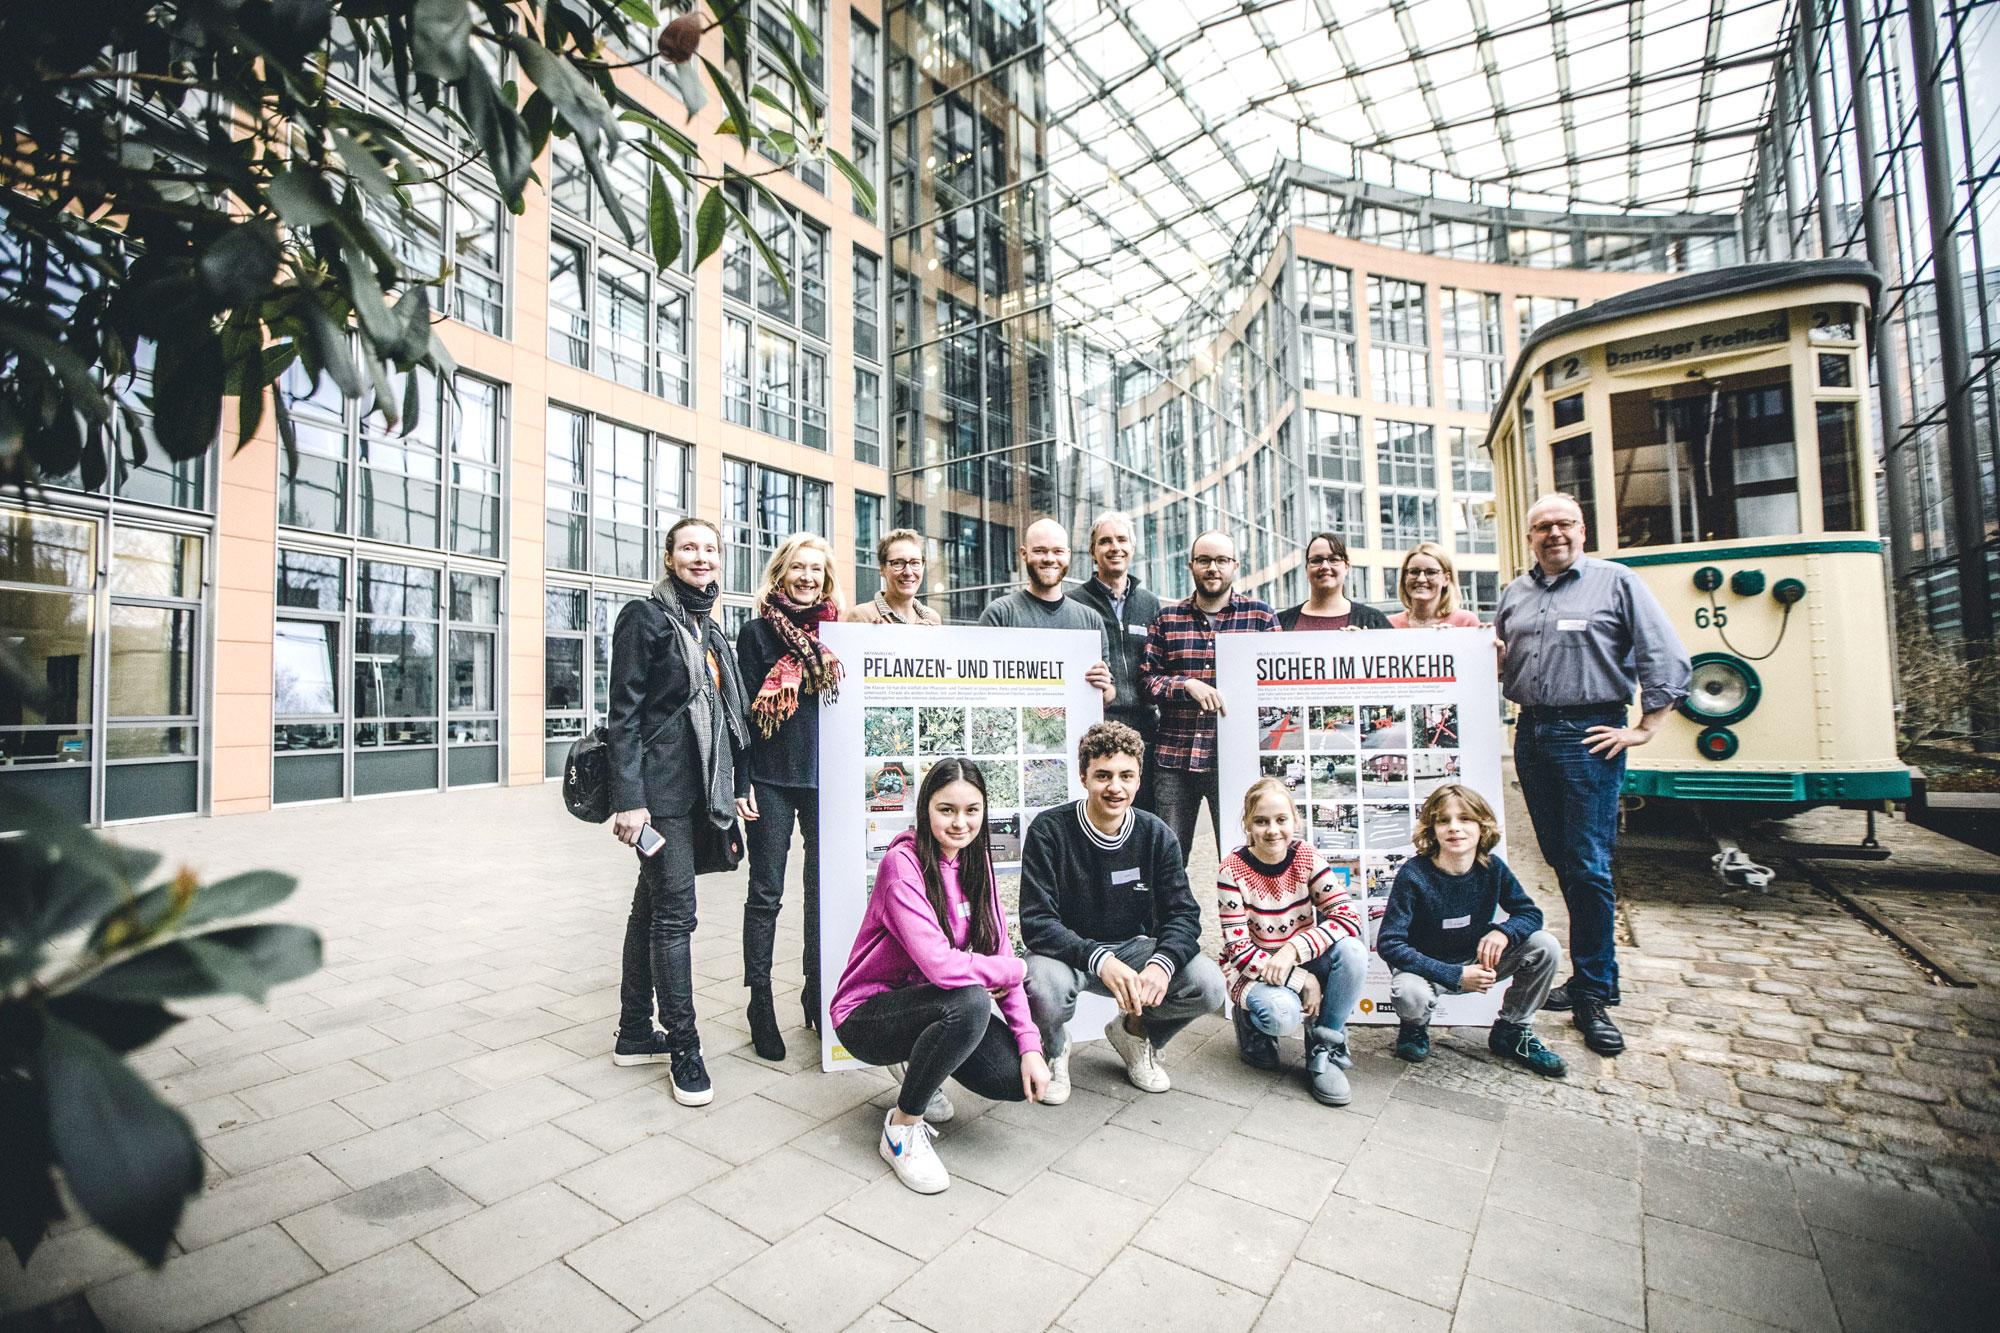 Zufrieden mit den Antworten der Stadtverwaltung waren die jungen Stadtforscher des Hittorf-Gymnasiums. (Foto: Stadt Münster)